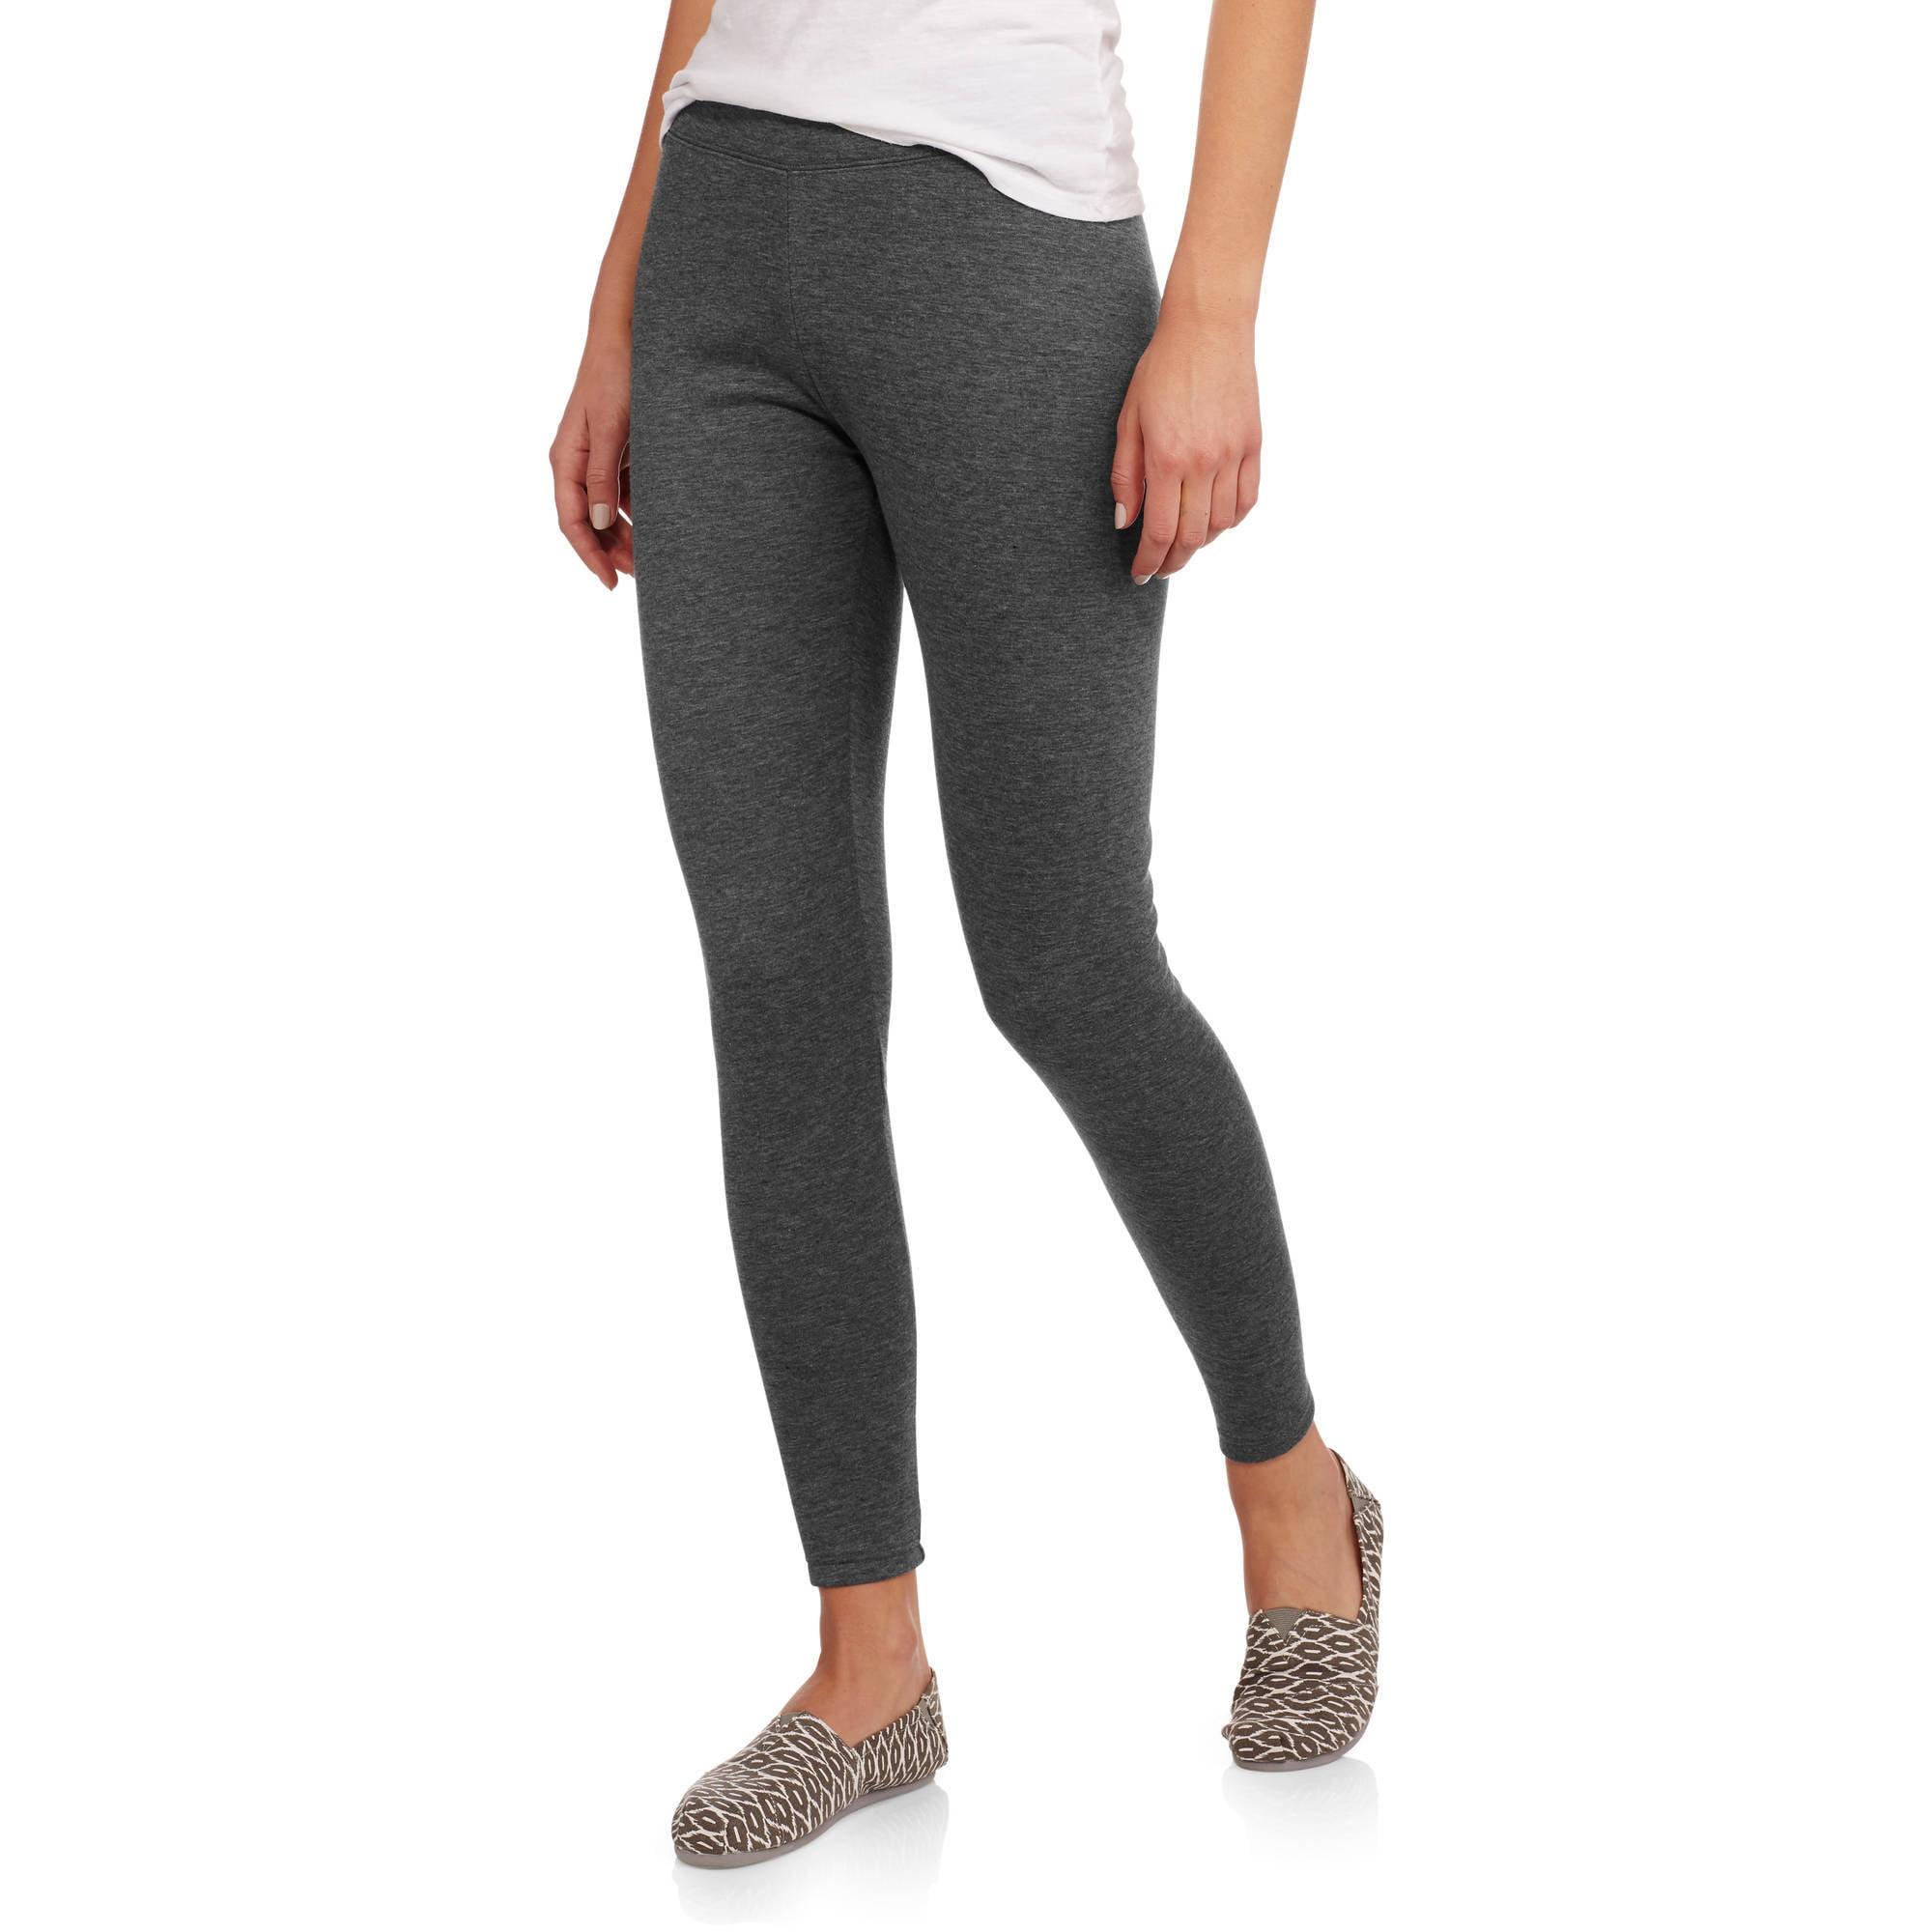 d78ecc8422f790 Faded Glory - Women's Fleece Lined Leggings - Walmart.com